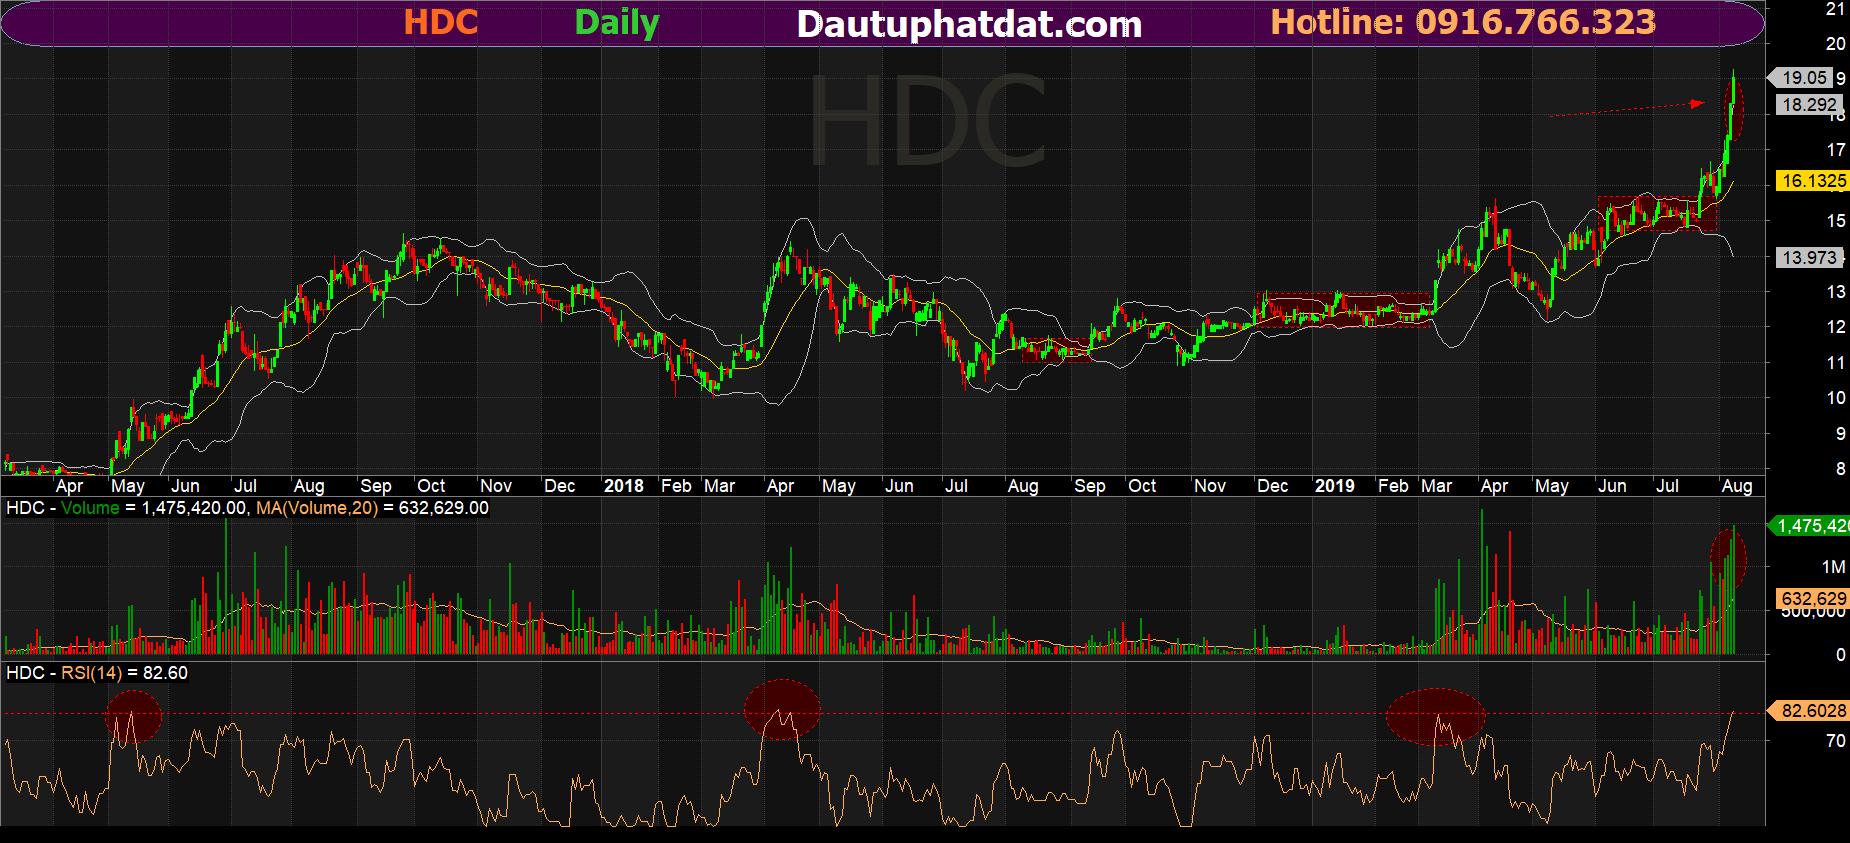 Đồ thị ngày cổ phiếu HDC